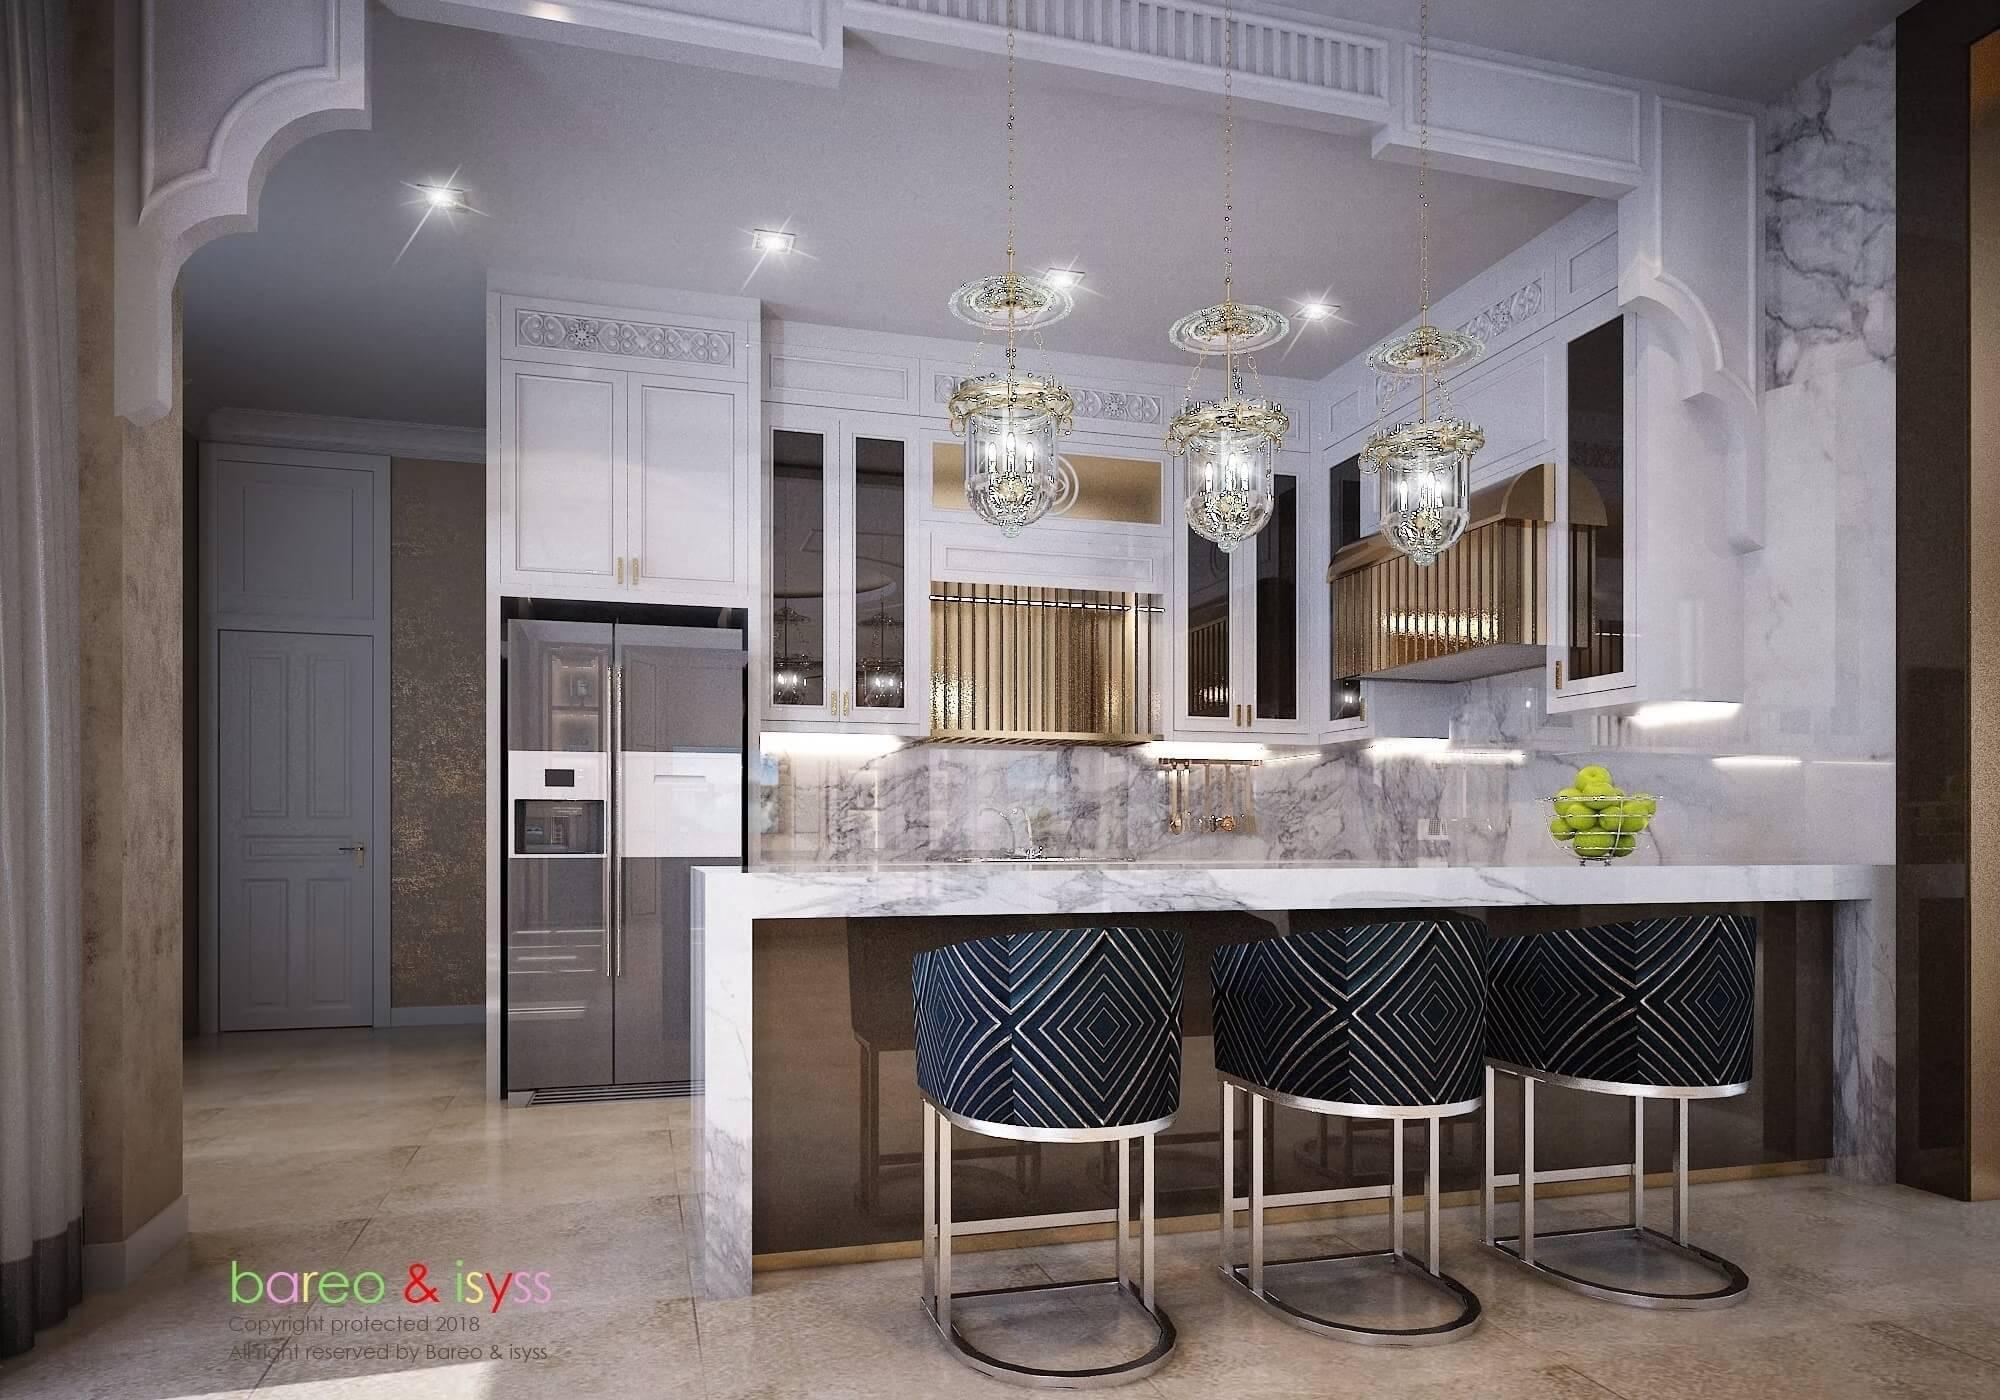 ออกแบบตกแต่งภายใน ตกแต่งภายใน ออกแบบภายใน บริษัทออกแบบภายใน interior Bareo รับออกแบบตกแต่งภายใน รับออกแบบตกแต่ง เฟอร์นิเจอร์ Build in ห้องครัว ครัวไทย ออกแบบครัว